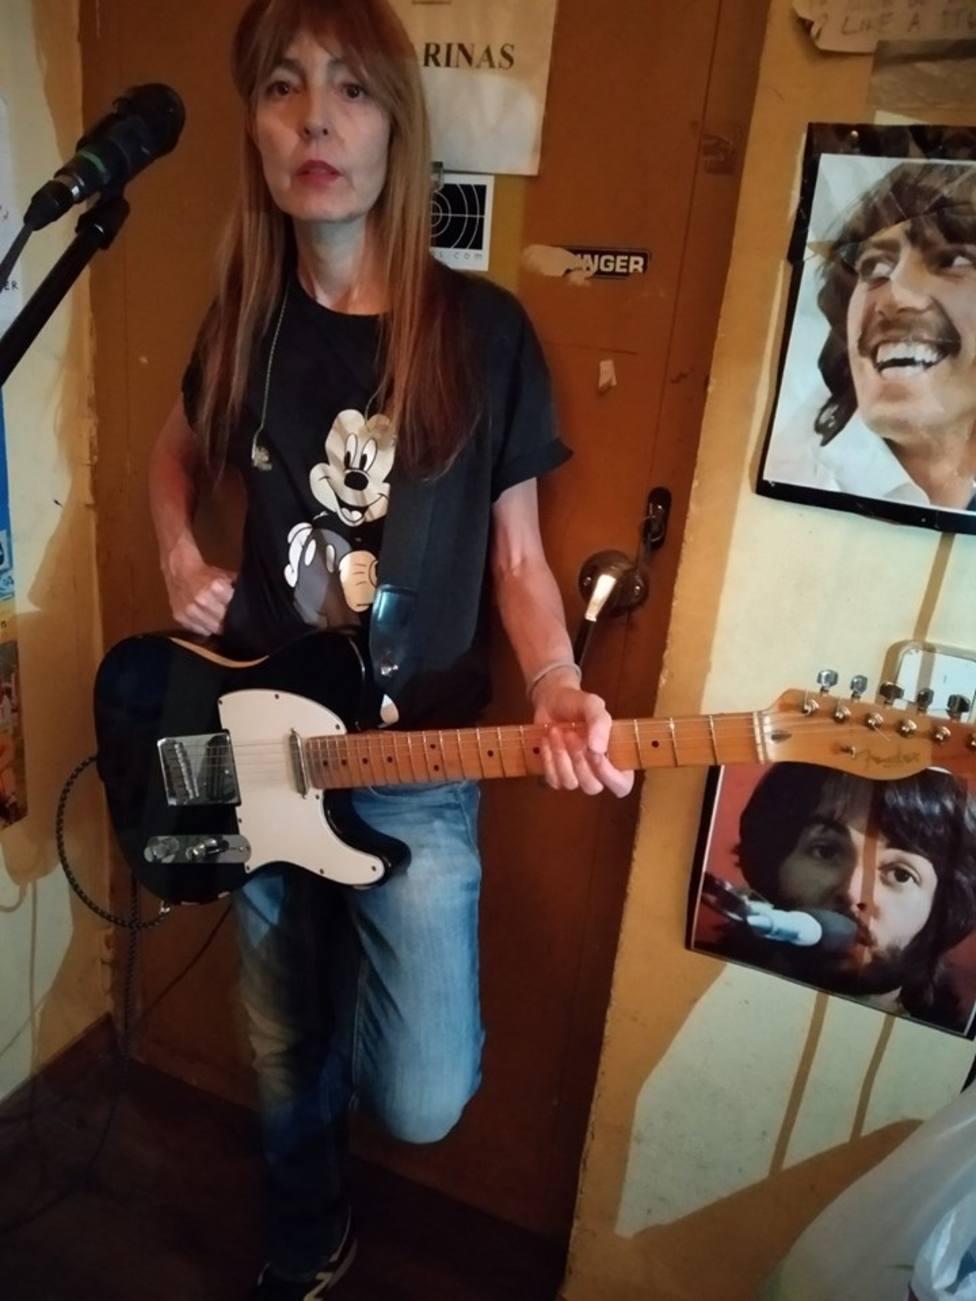 La vocalista de New Day, Amparo Llanos, busca una guitarra desaparecida tras un concierto de su grupo en Girona